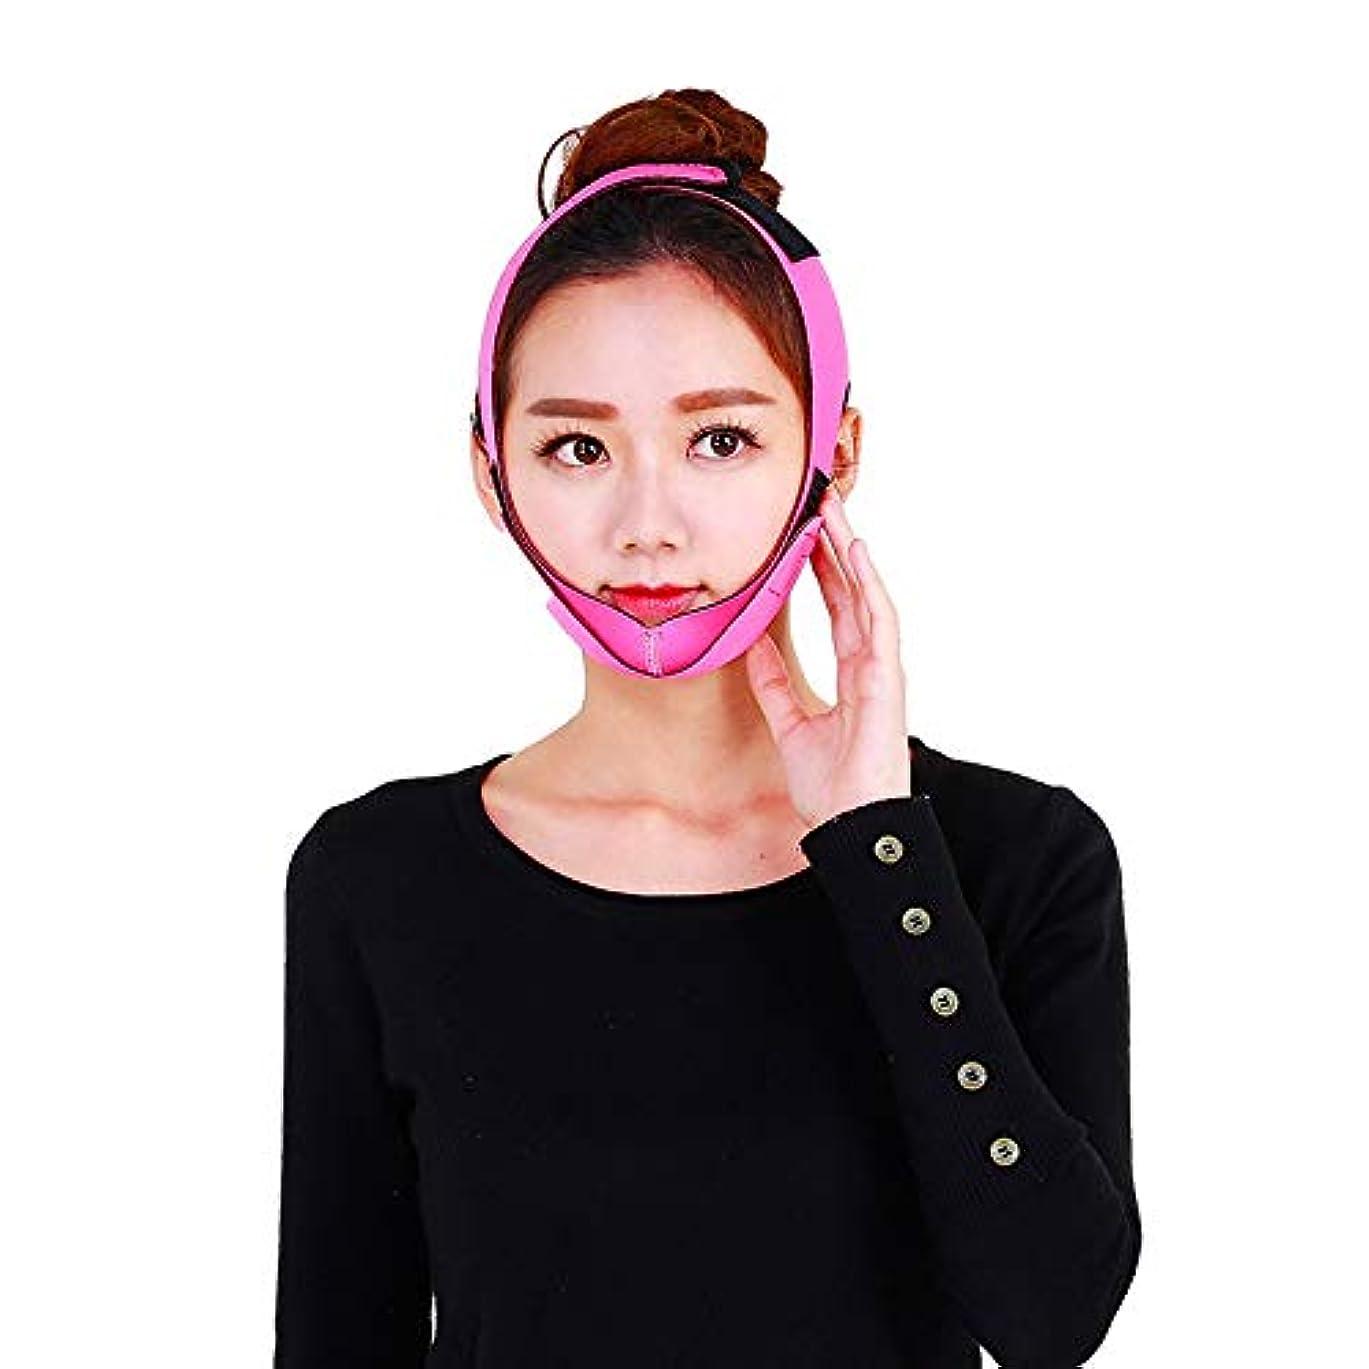 サバントグレートバリアリーフ作動するBS 顔の持ち上がる痩身ベルト - 薄い顔包帯二重あごのデバイス無料の顔のマッサージ整形マスクが顔と首を締めます フェイスリフティングアーティファクト